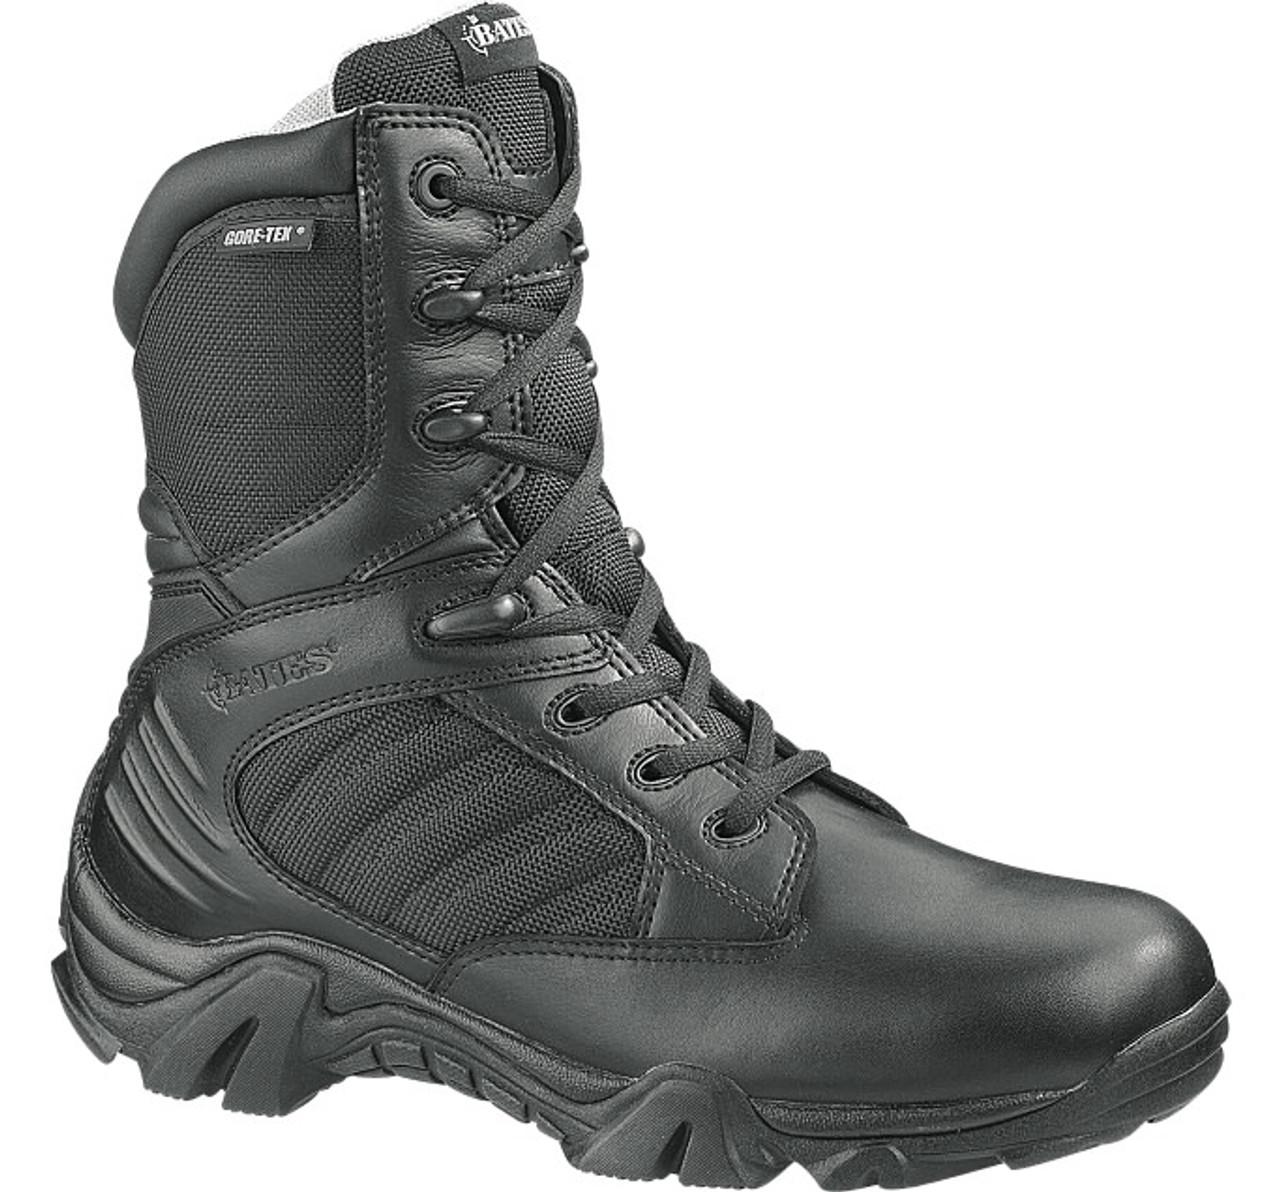 Bates E02268 GX-8 GORE-TEX Side Zip Boots ...